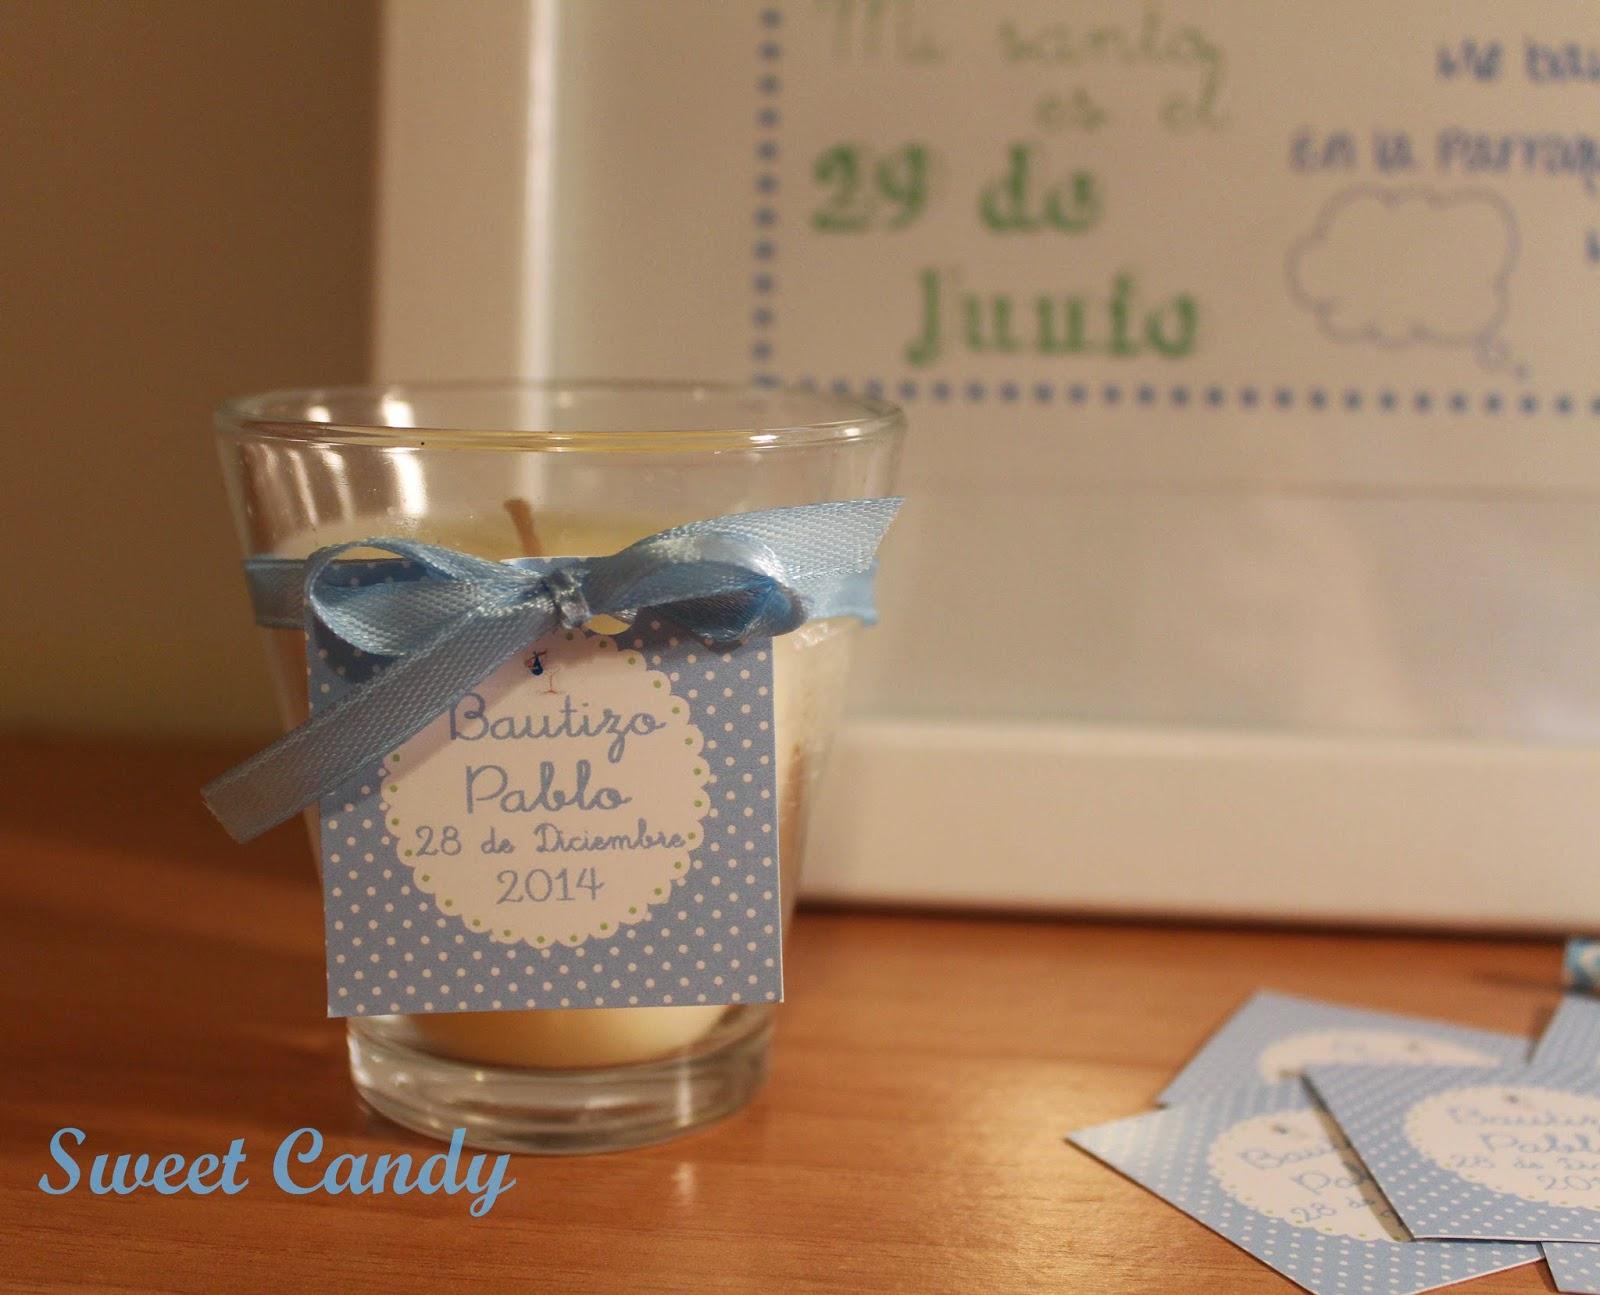 Sweet candy velas para el bautizo de pablo - Etiquetas para velas ...